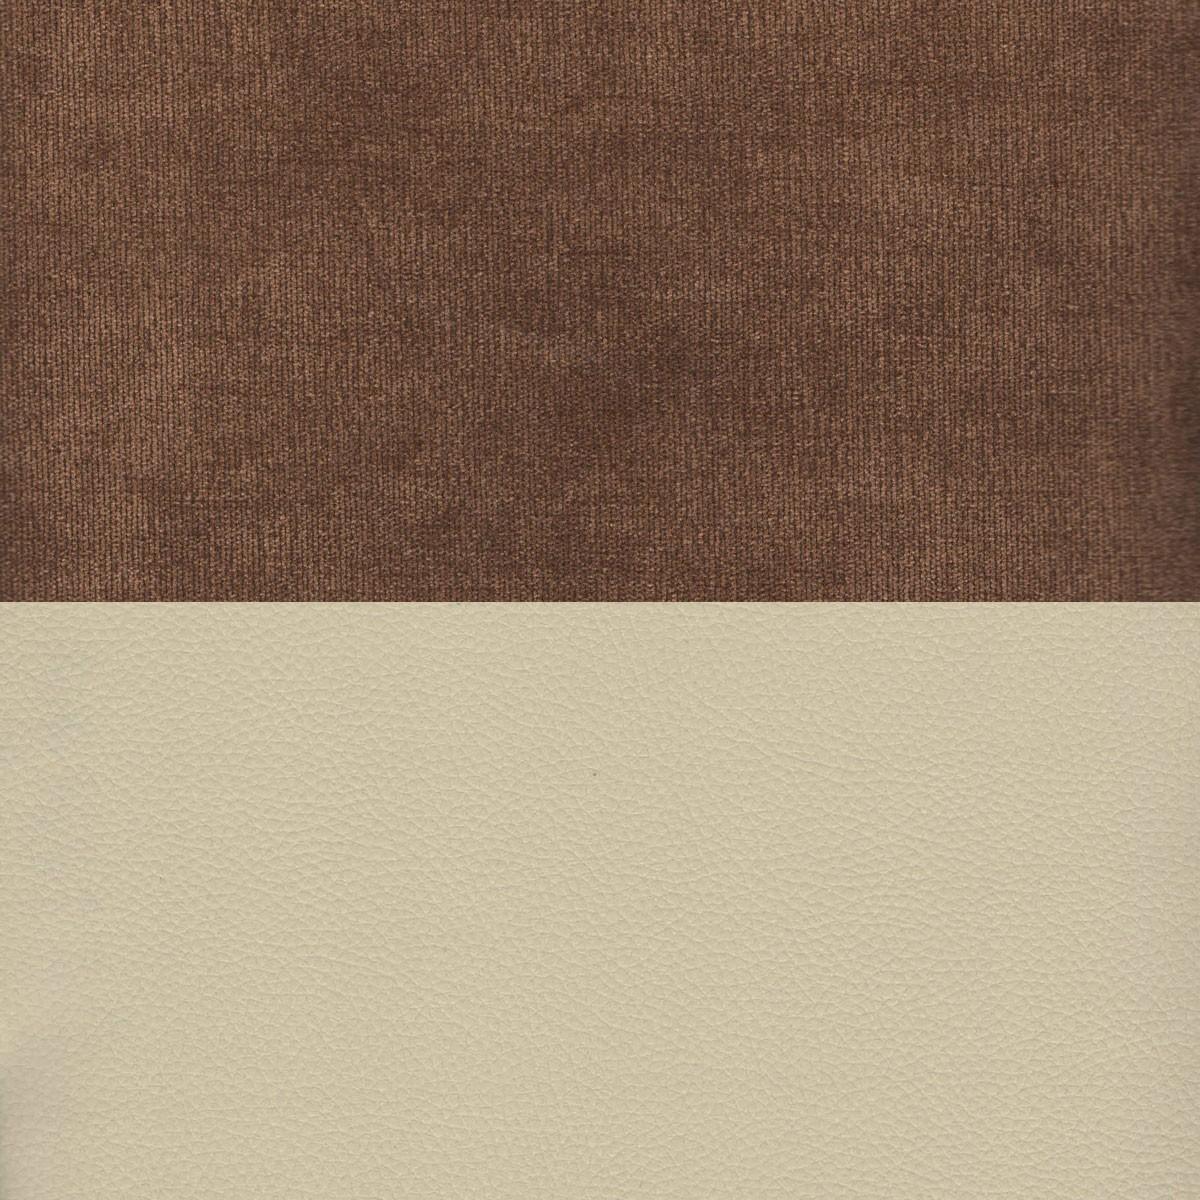 Вельвет коричневый Экокожа бежевый